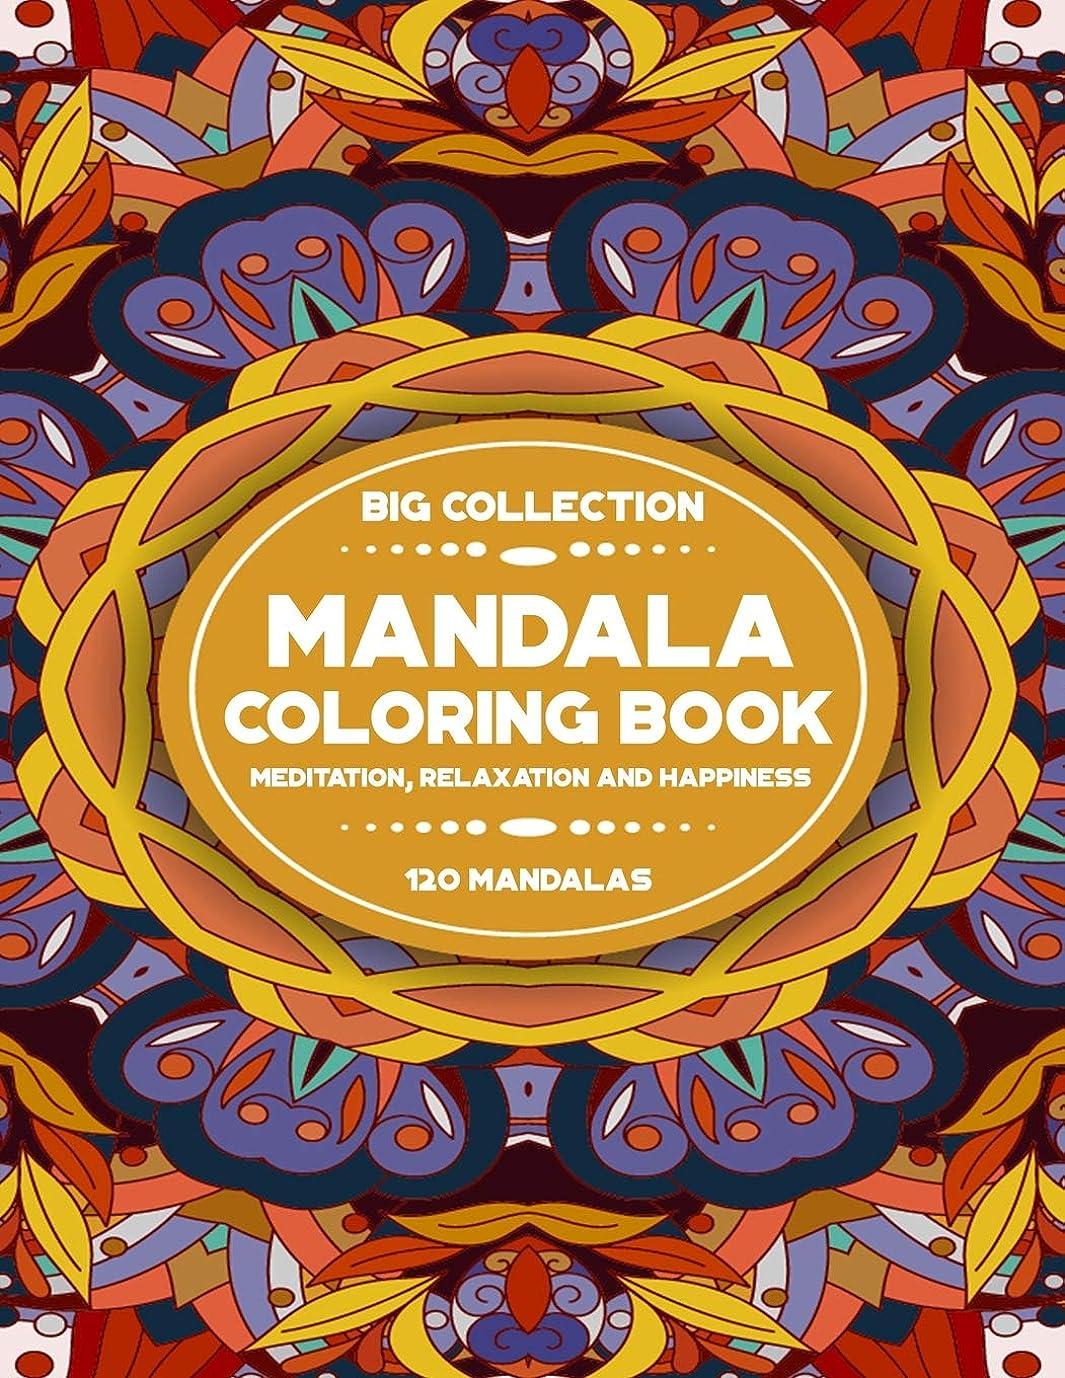 天文学協力的疾患Mandala Coloring Book: For Adults and Kids (Different Levels of Difficulty), Big Collection 120 Mandalas, (8,5x11)